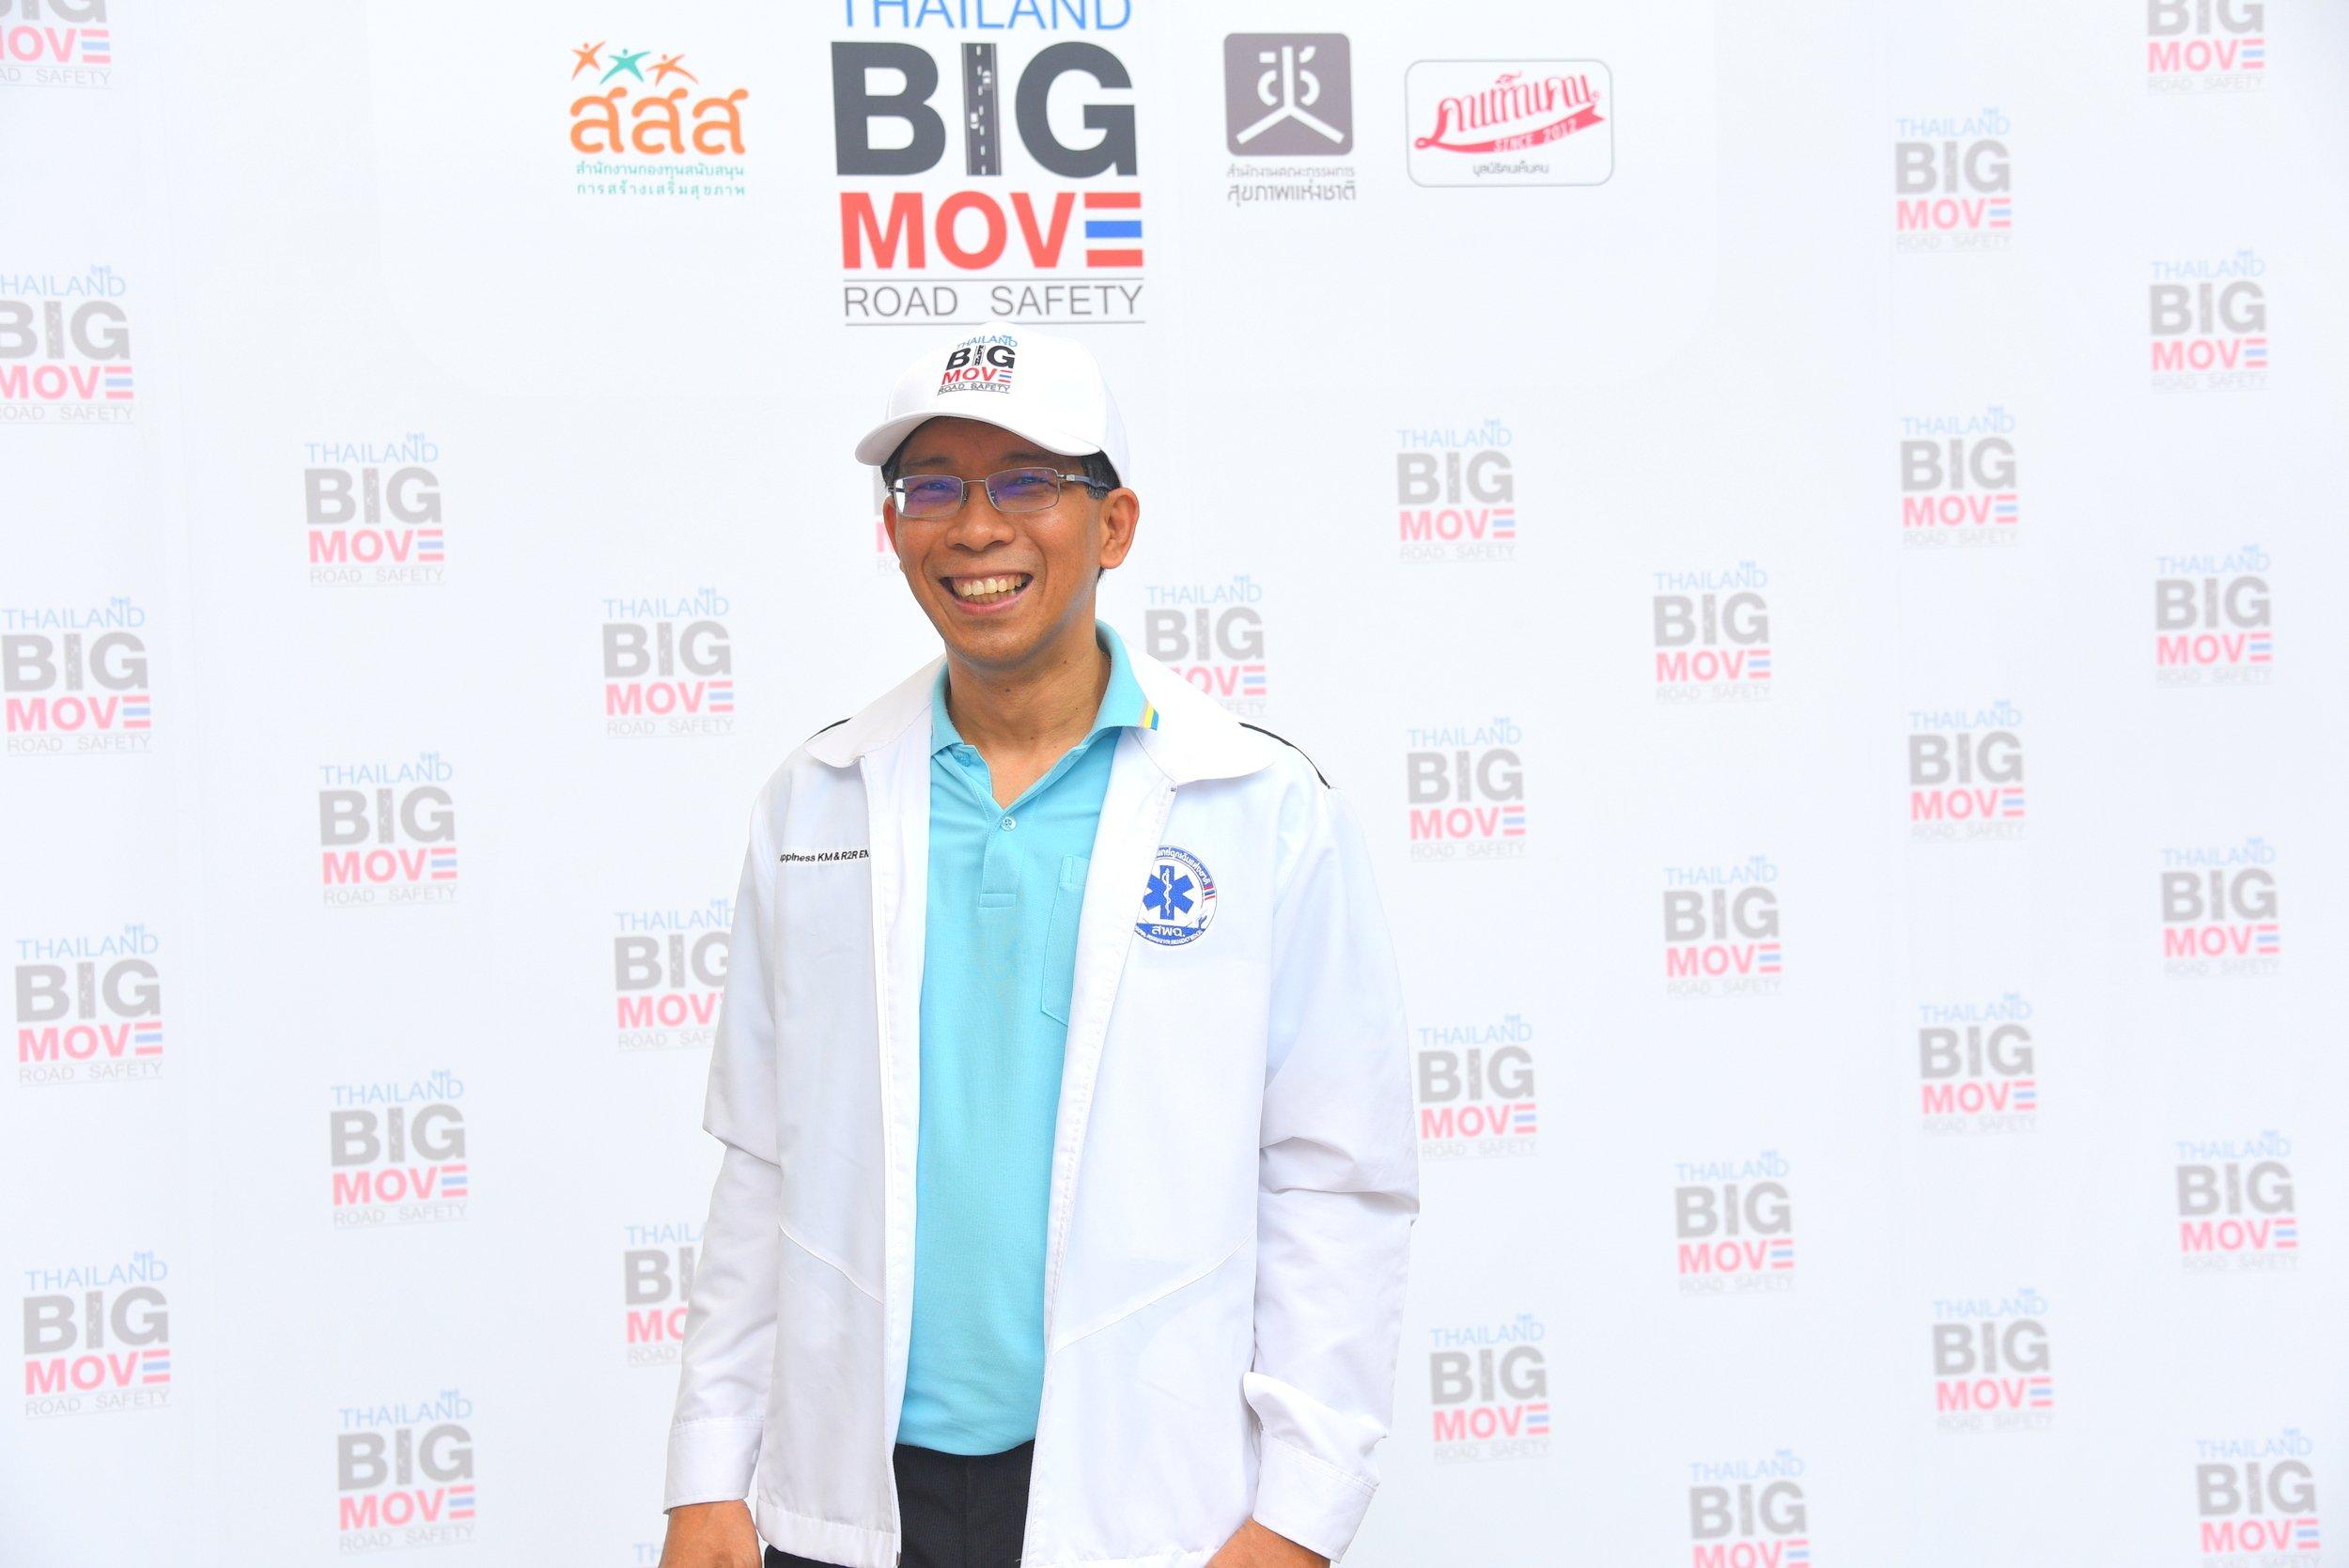 Thailand Big move ดึงอาชีวะร่วมลดอุบัติเหตุ เฟส 2 thaihealth